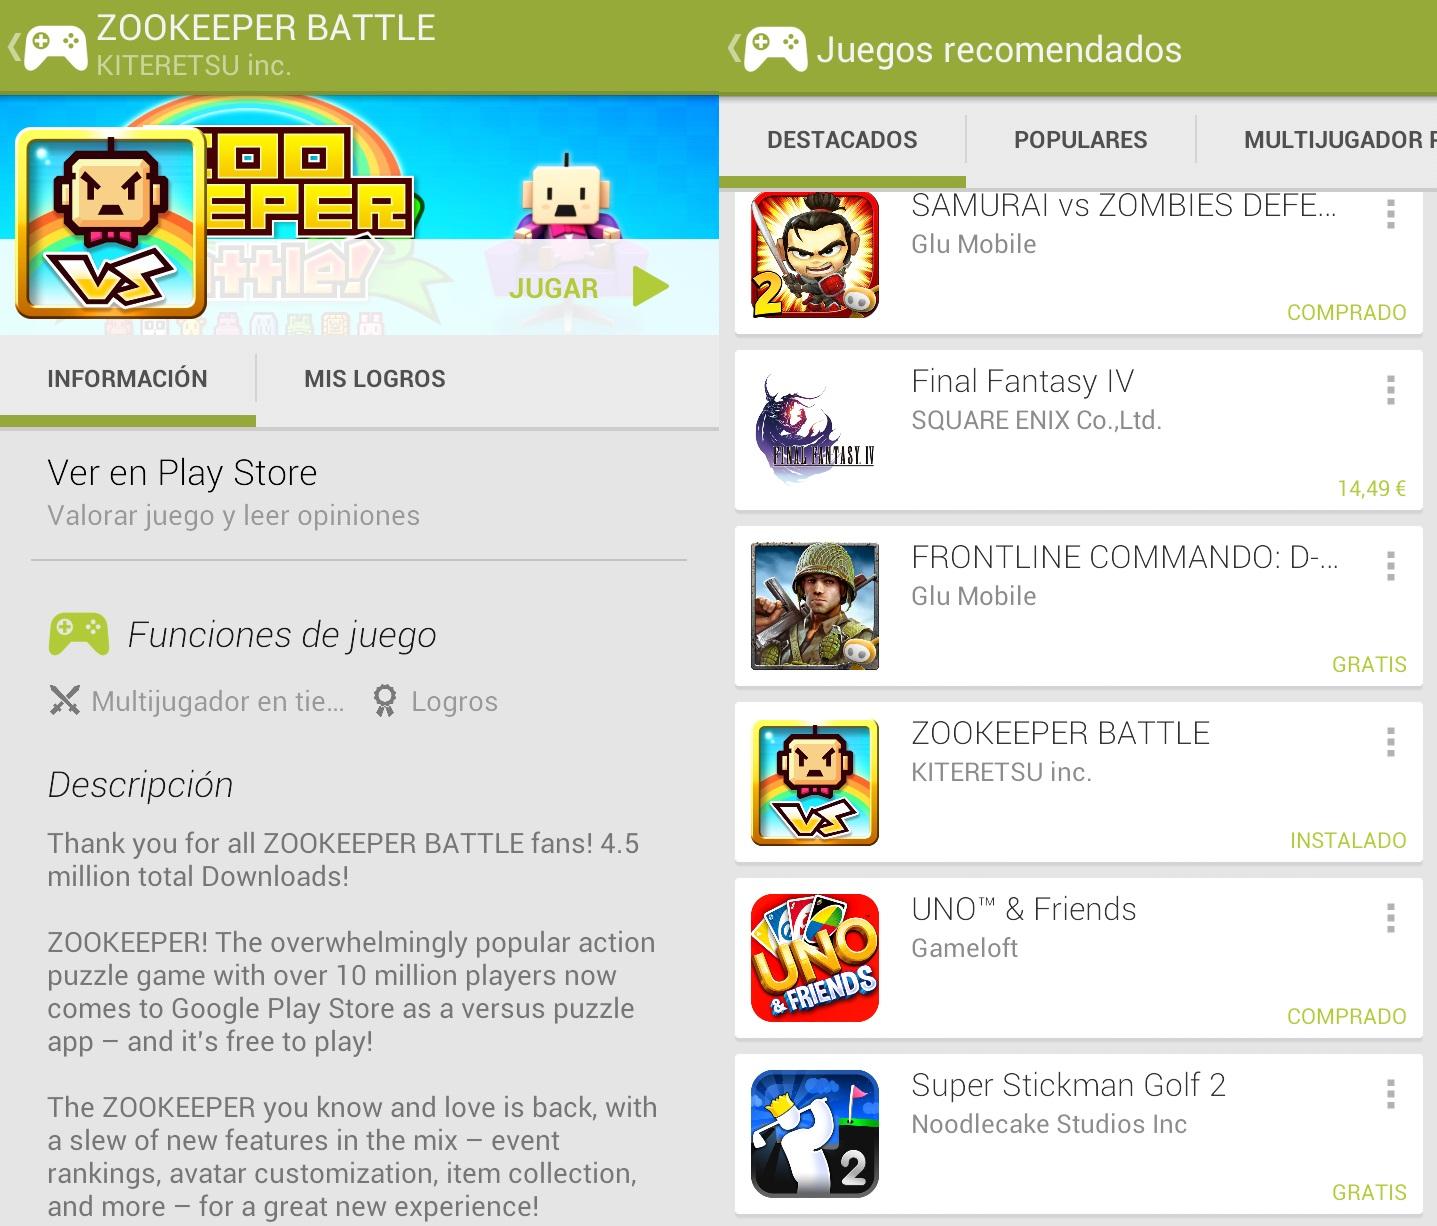 descubrir juegos google play games